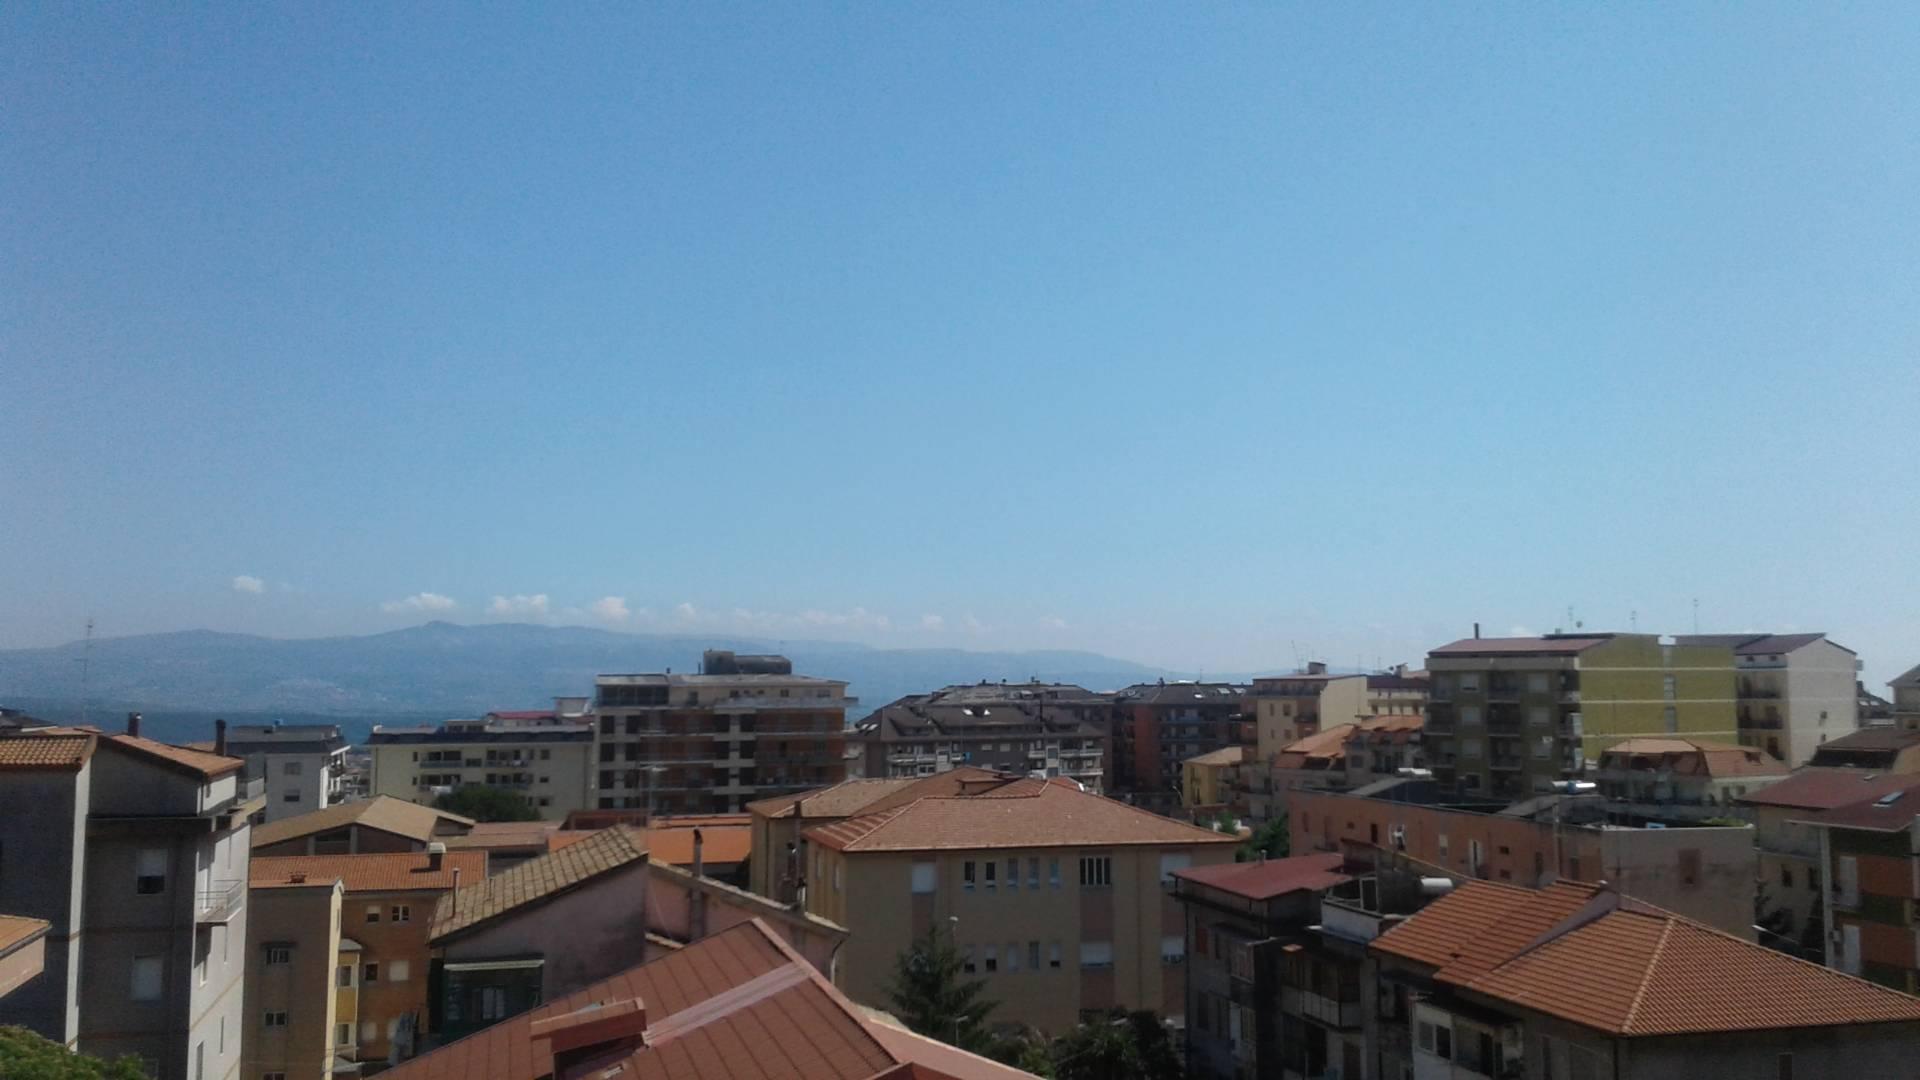 Appartamento in affitto a Lamezia Terme, 3 locali, zona Zona: Nicastro, prezzo € 350 | CambioCasa.it